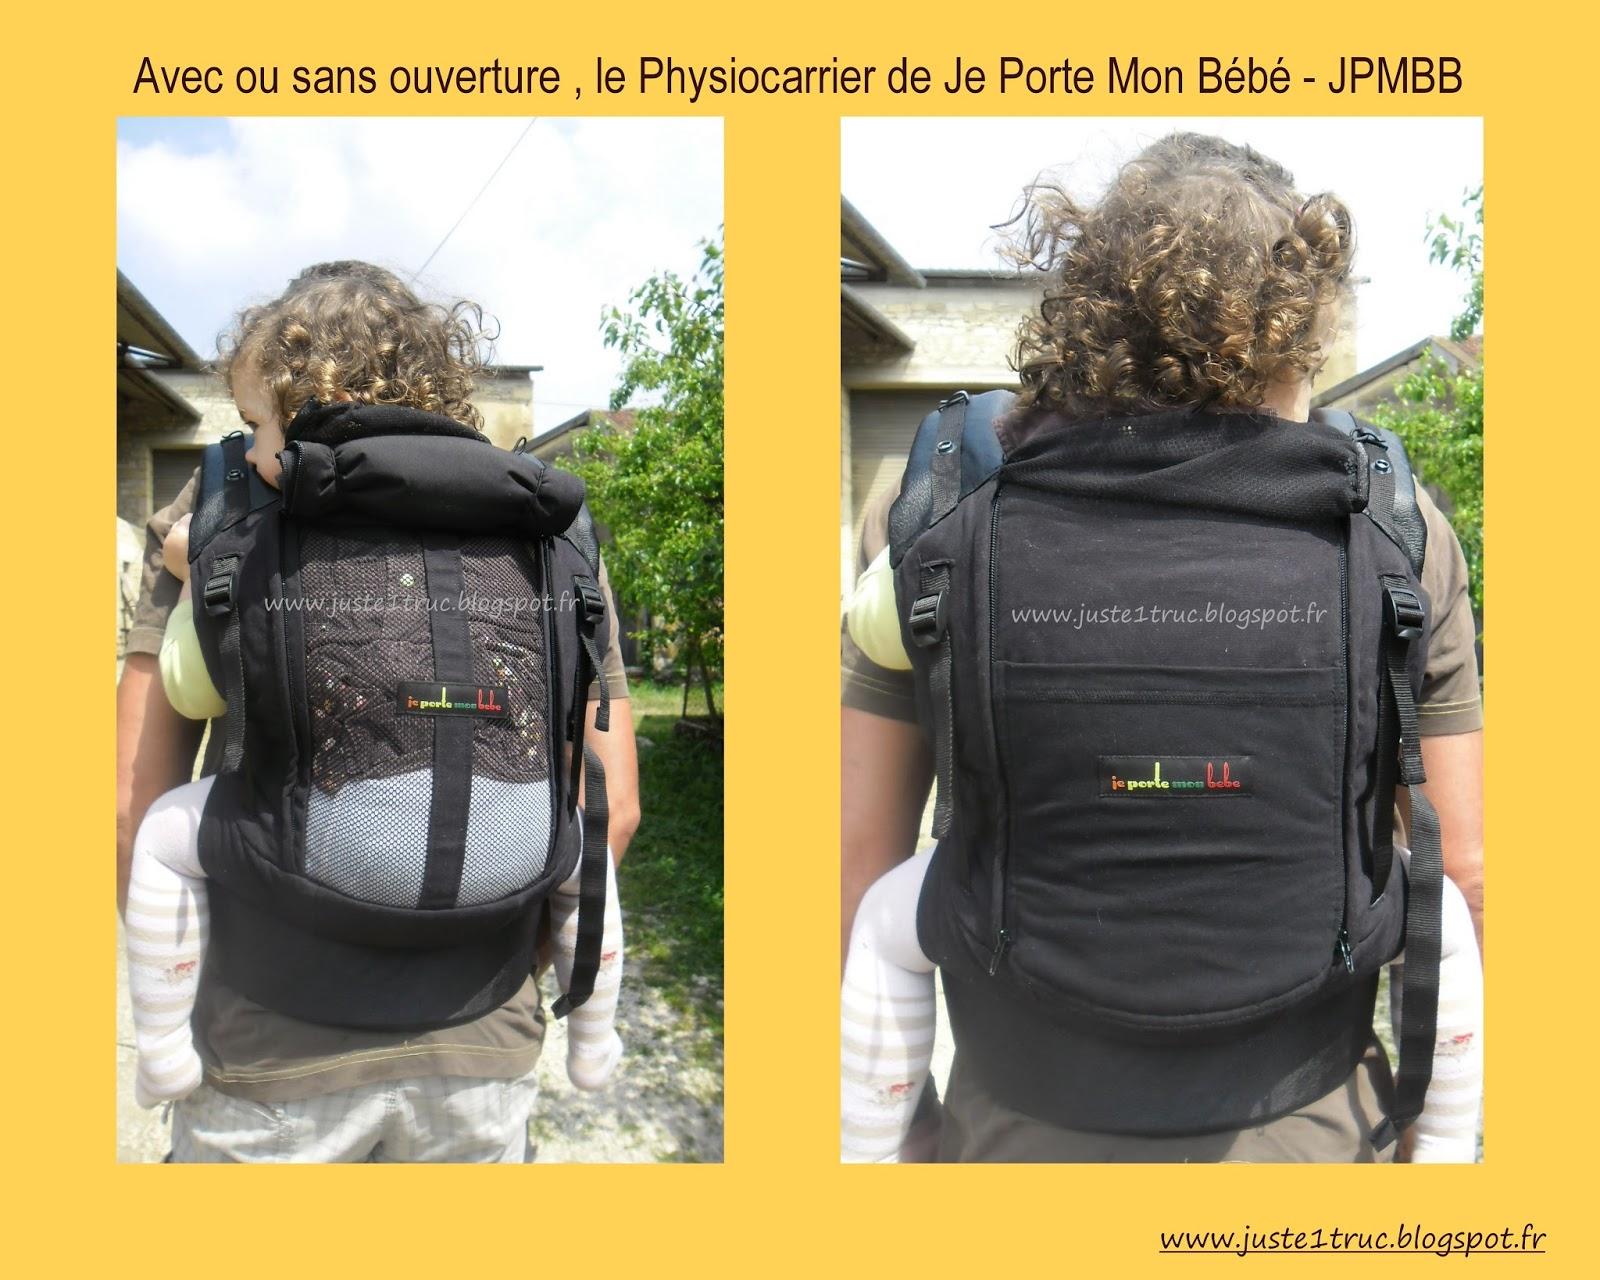 Jvoudrais Juste Dire Un Truc Test Du Préformé Physiocarrier De - Porte bebe physiocarrier